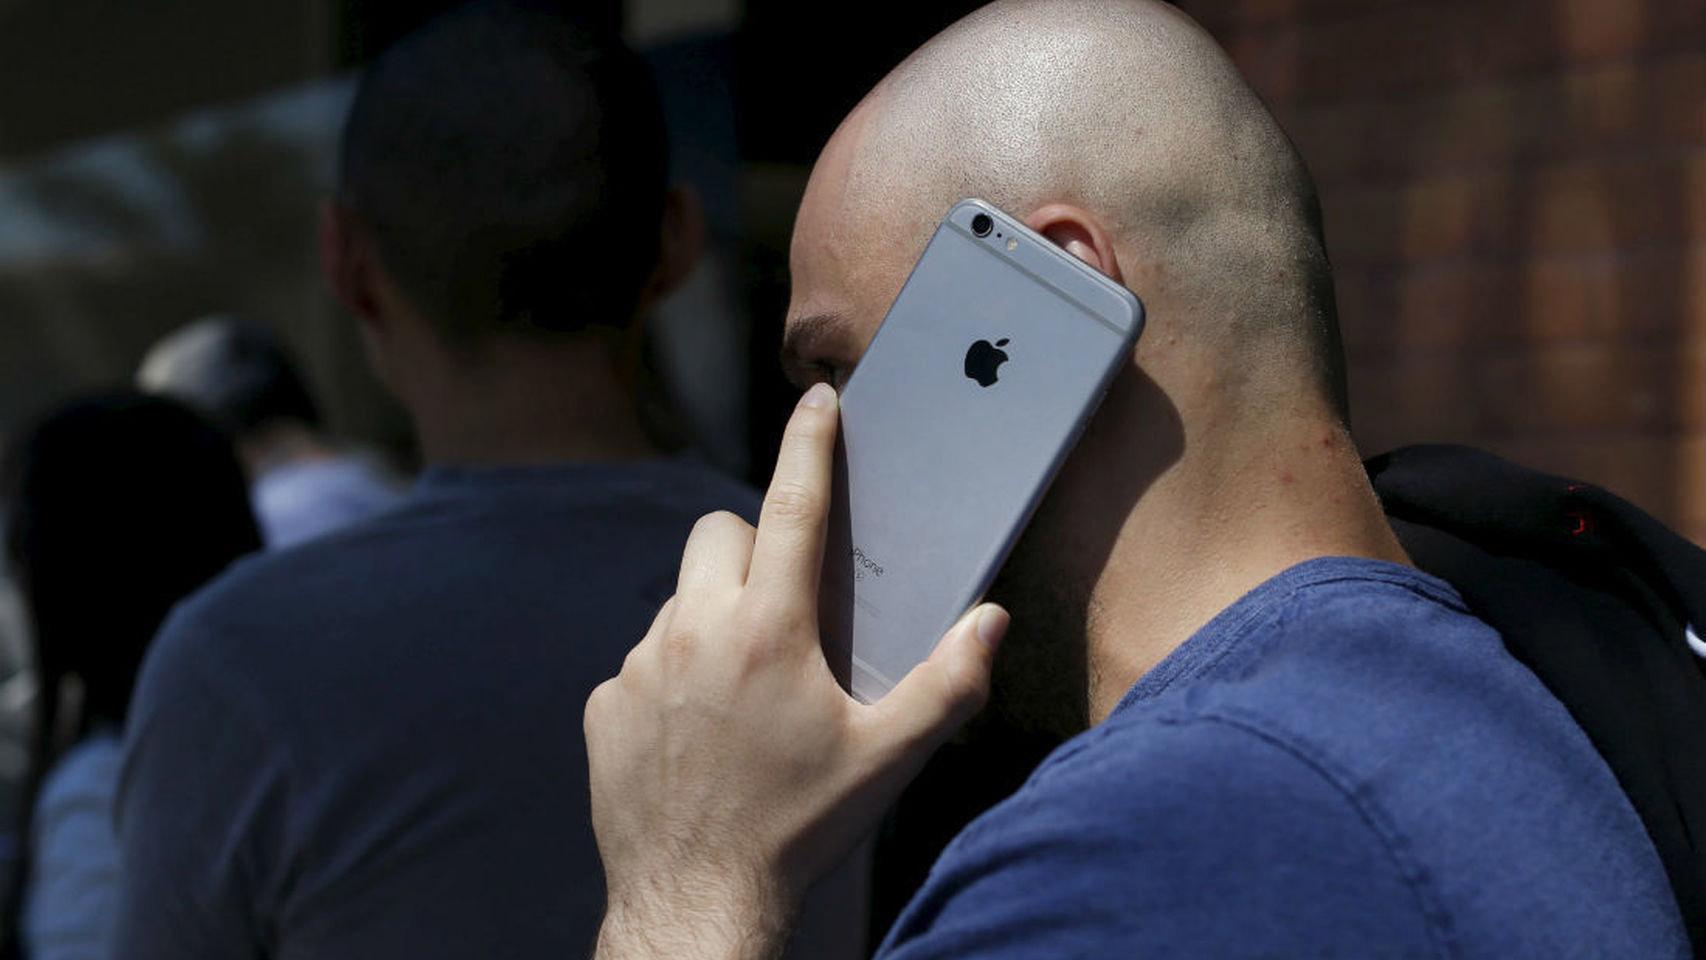 Con la nueva funcionalidad se podría saltar la autenticación de desbloqueo del teléfono para hacer la llamada de manera inmediata